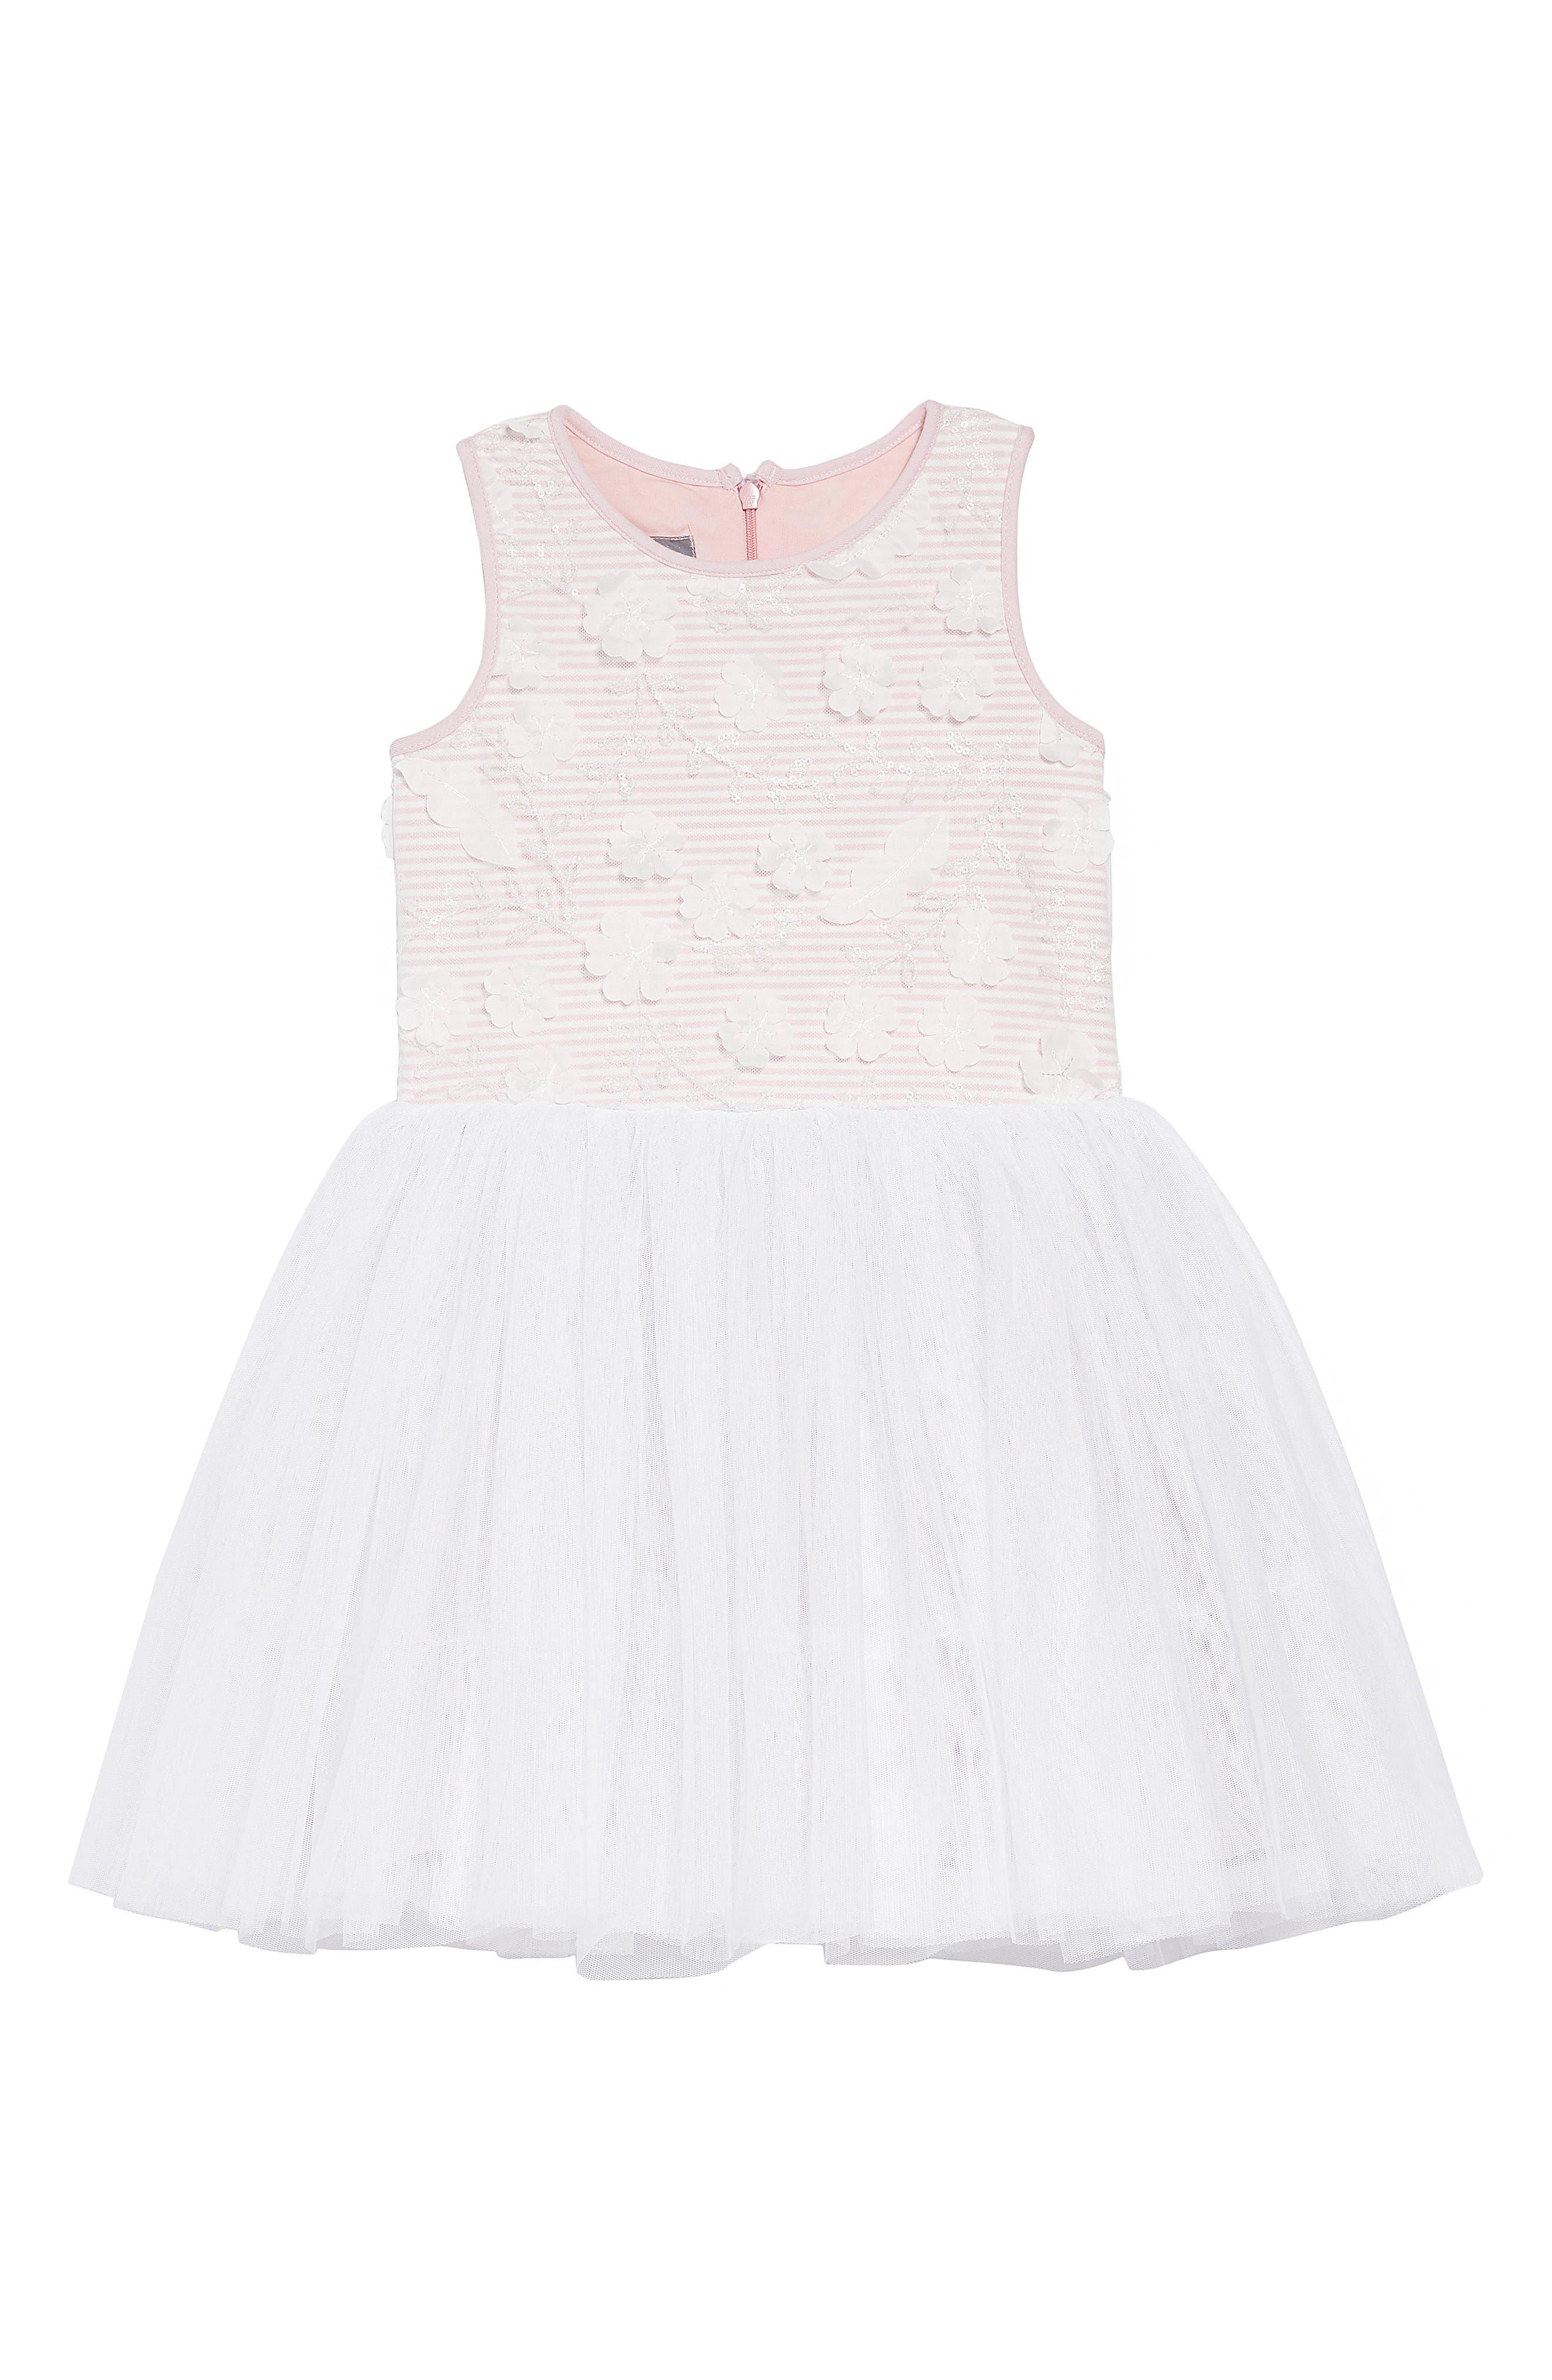 PASTOURELLE BY PIPPA & JULIE Embellished Bodice Dress, Main, color, 654